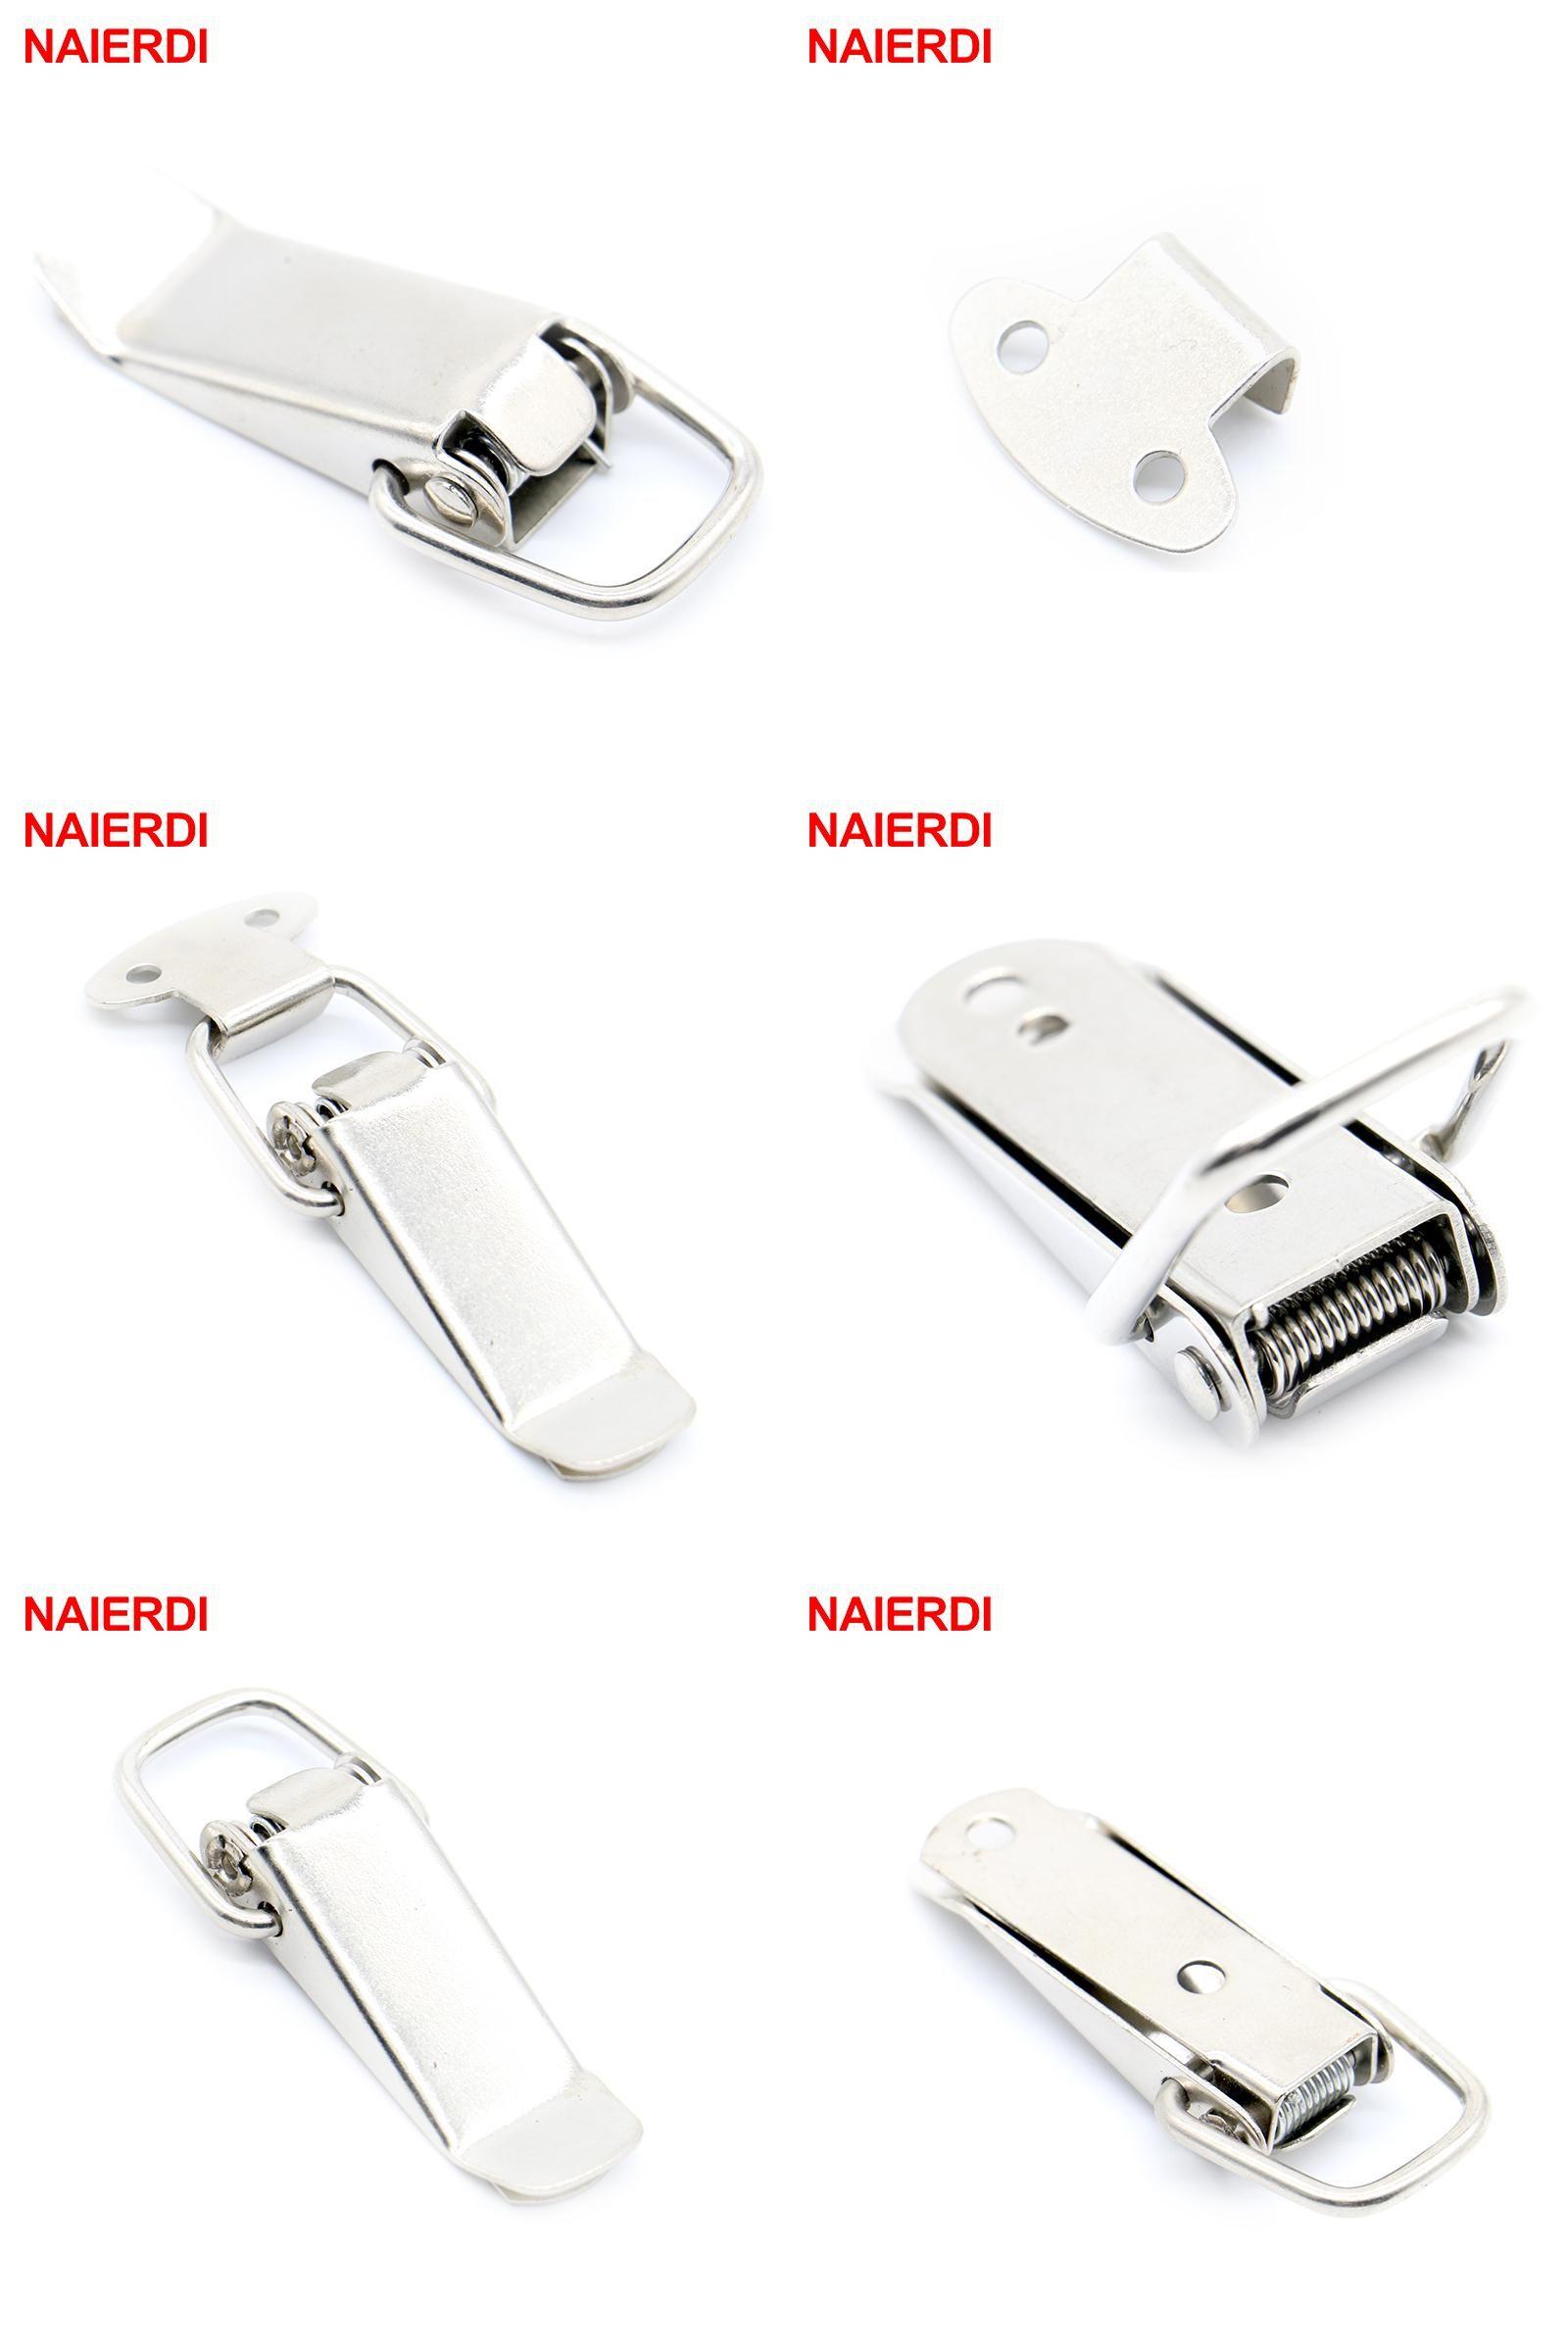 Visit To Buy 4pc Naierdi J105 Hardware Cabinet Boxes